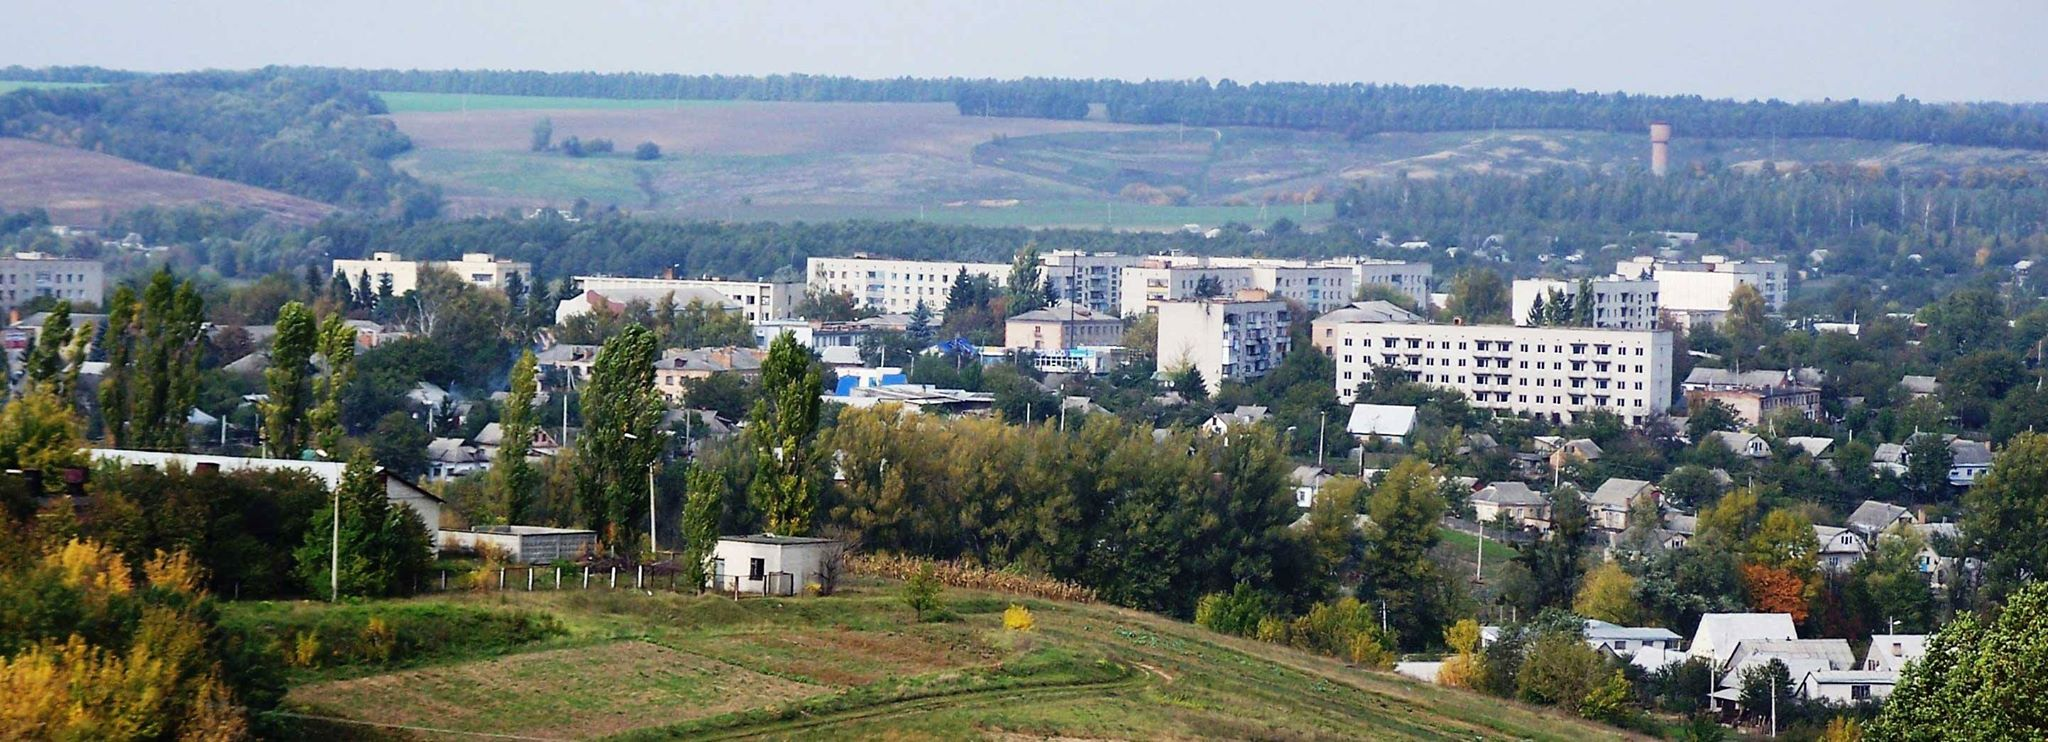 Lysyanka_Lysyanchuna.jpg